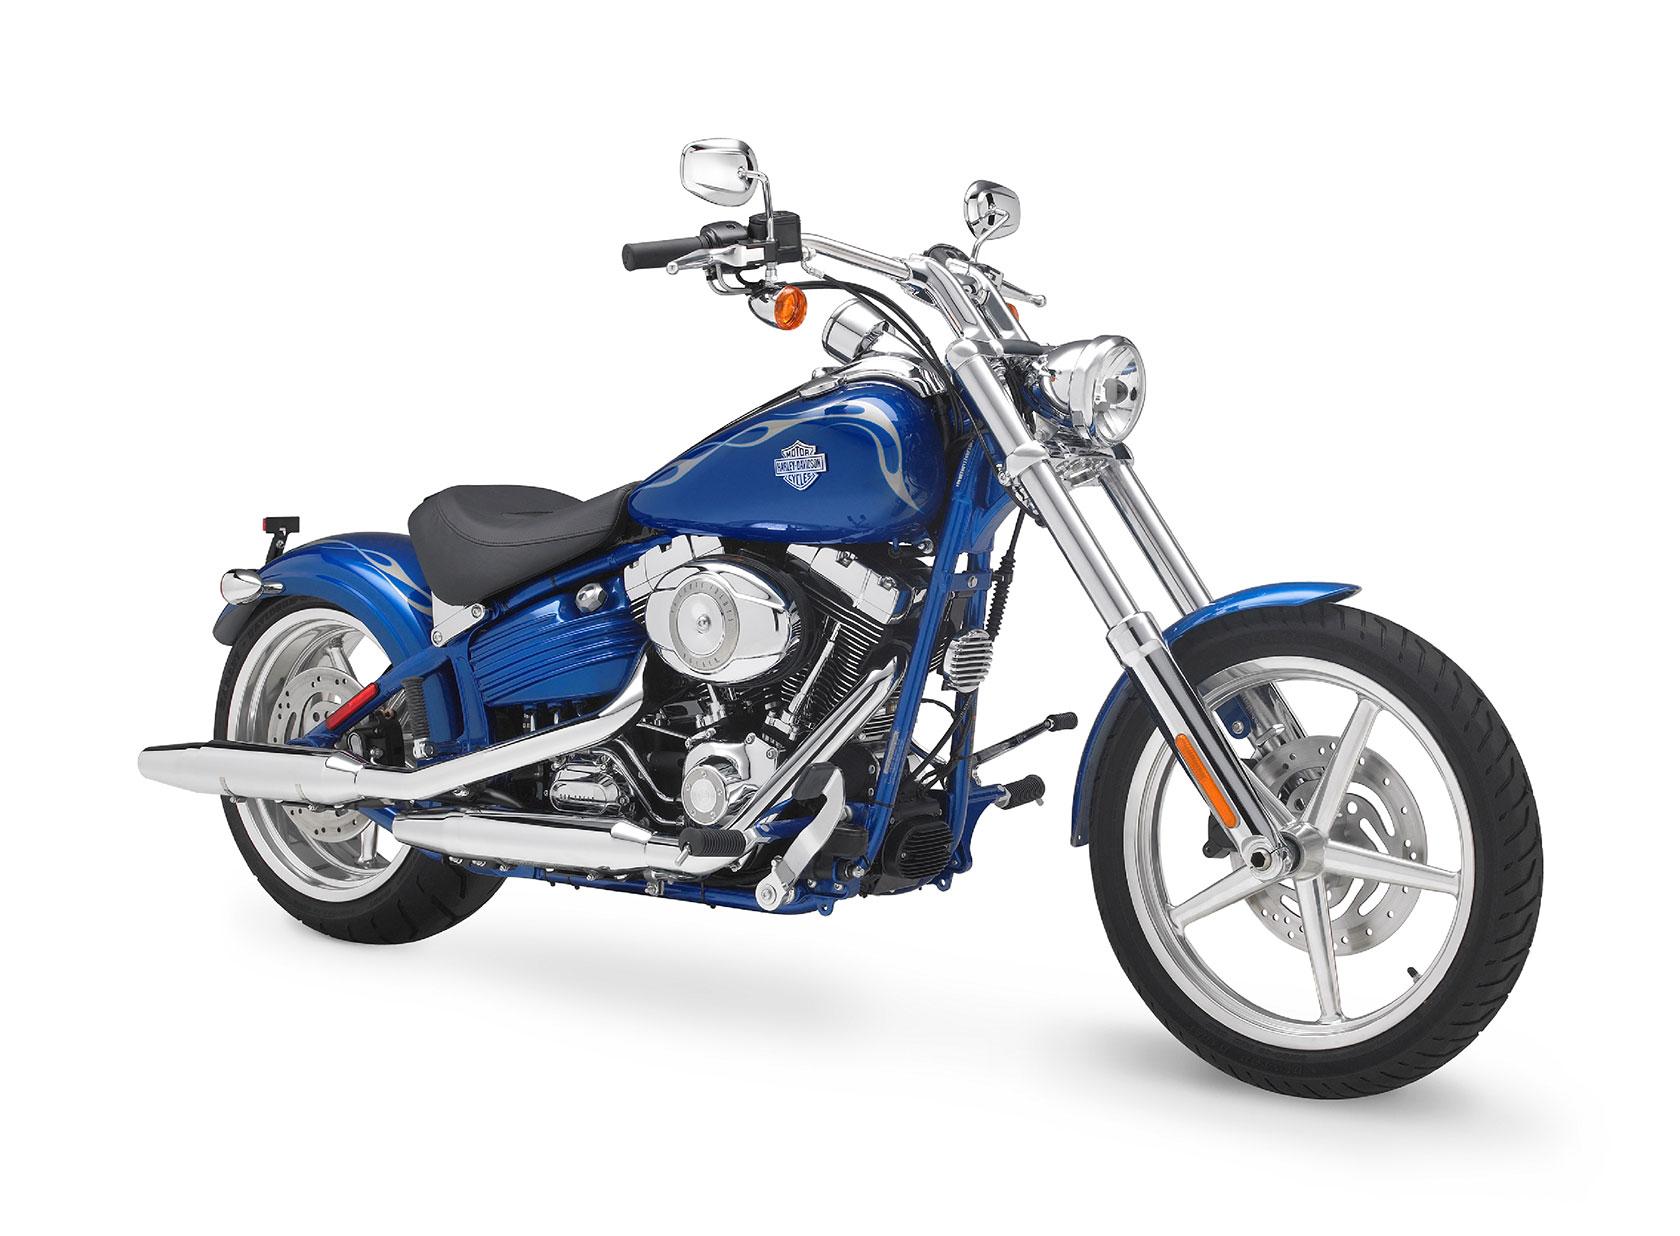 Harley Davidson Rocker C >> HARLEY DAVIDSON Rocker C specs - 2009, 2010 - autoevolution